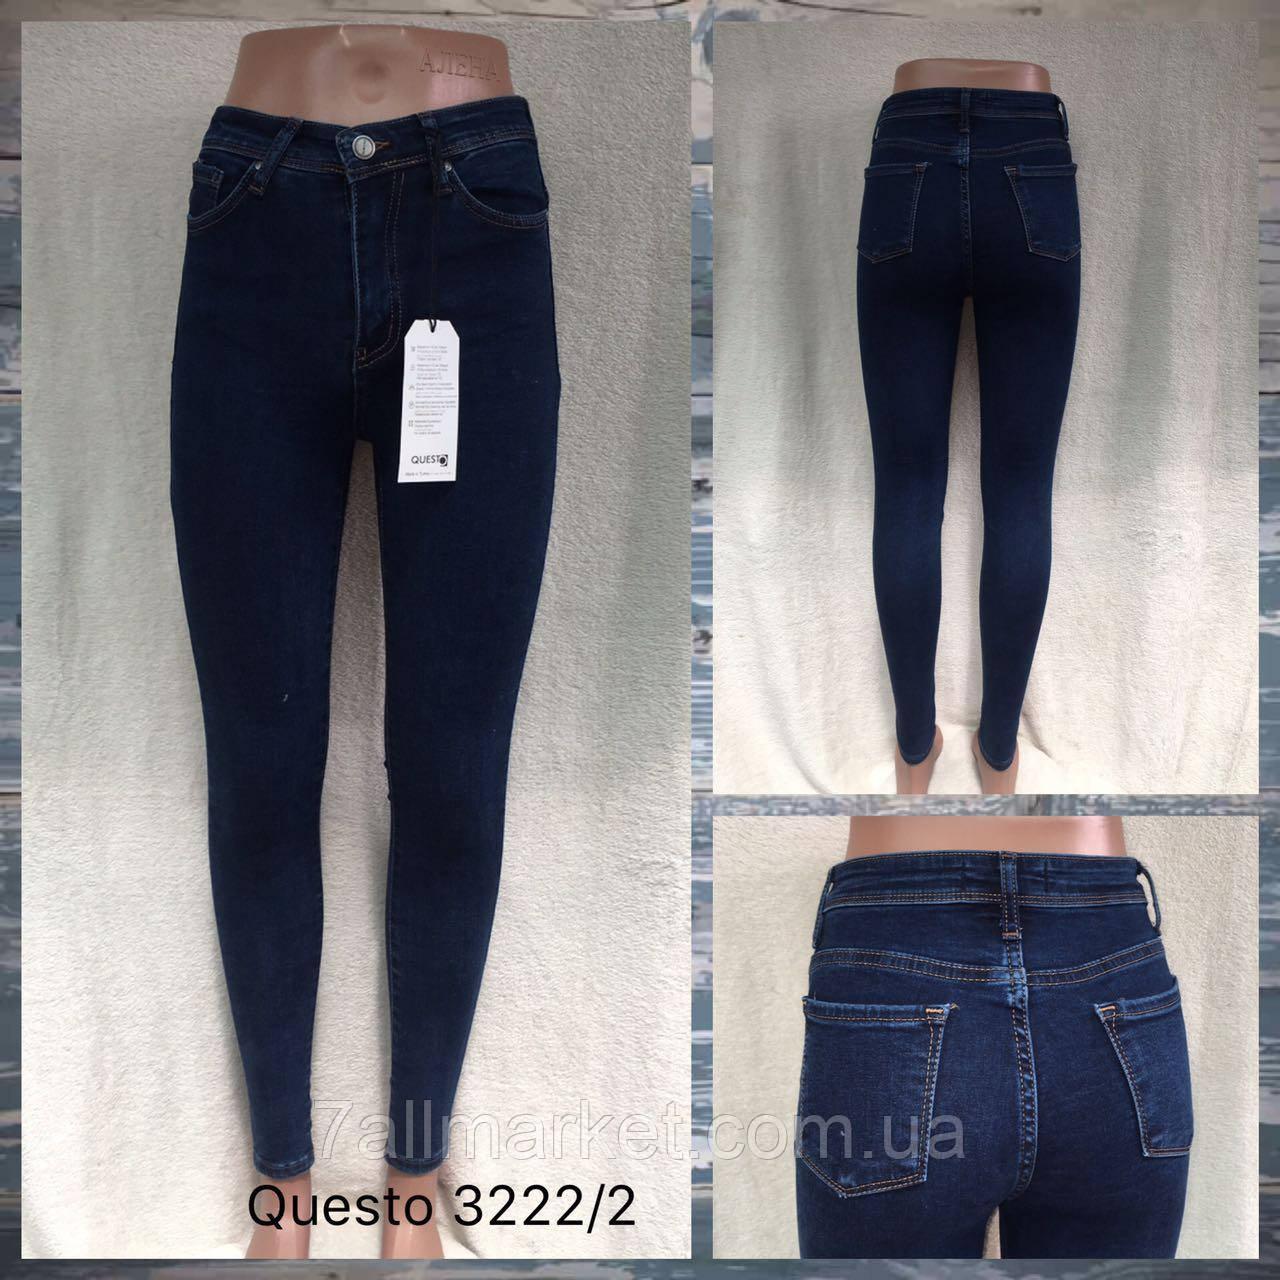 """Джинсы-американки женские QUESTO размеры 26-31 """"JeansStyle"""" недорого от прямого поставщика"""